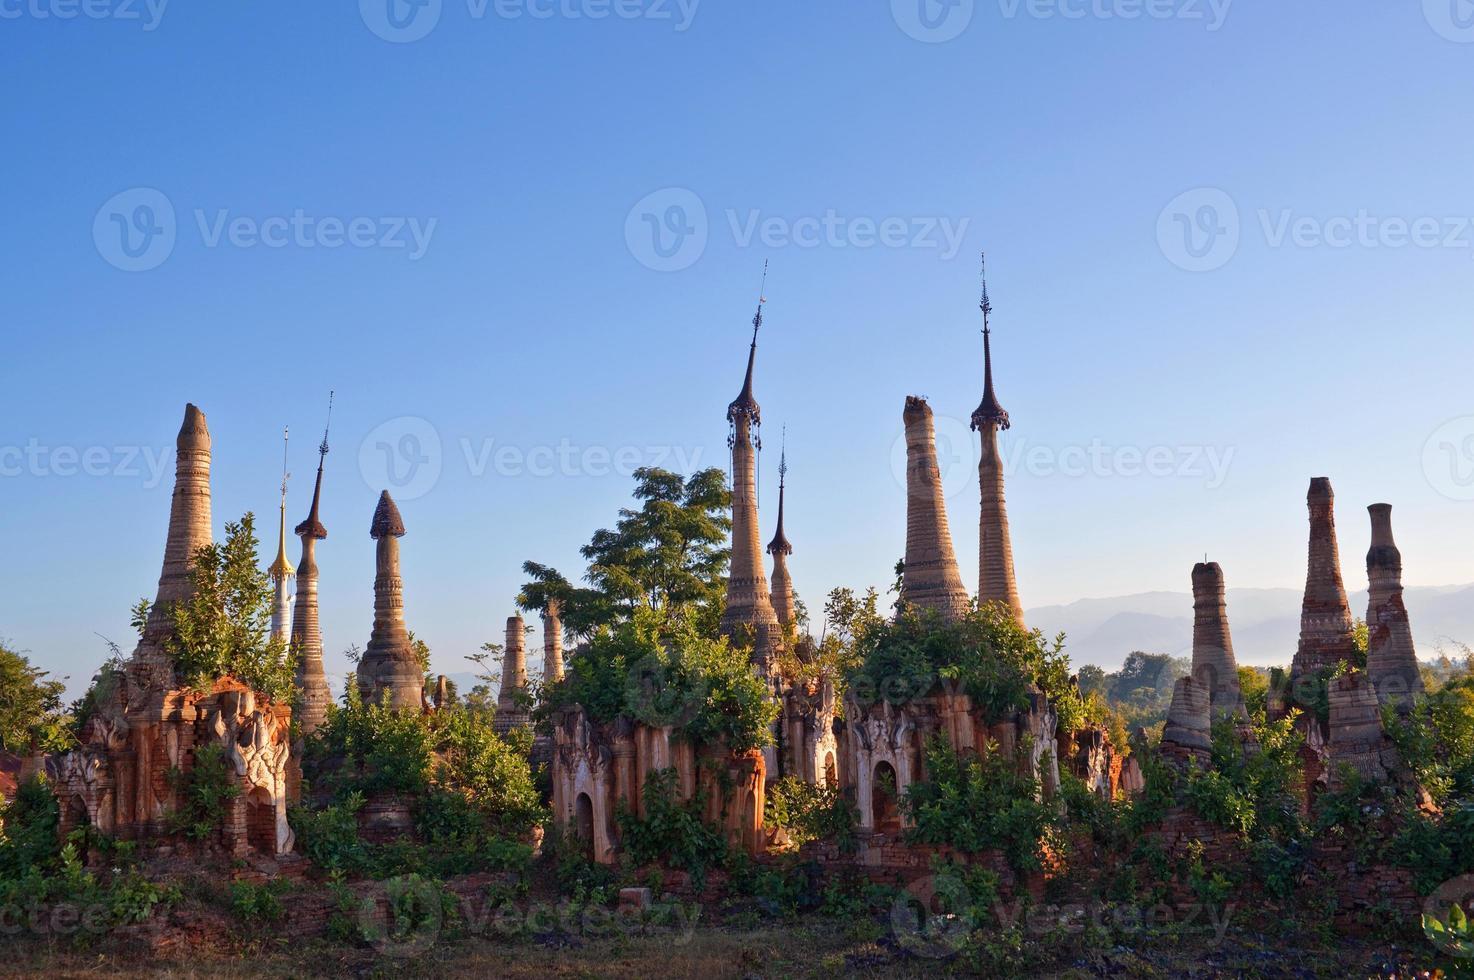 nel complesso della pagoda nello stato Shan, Myanmar foto